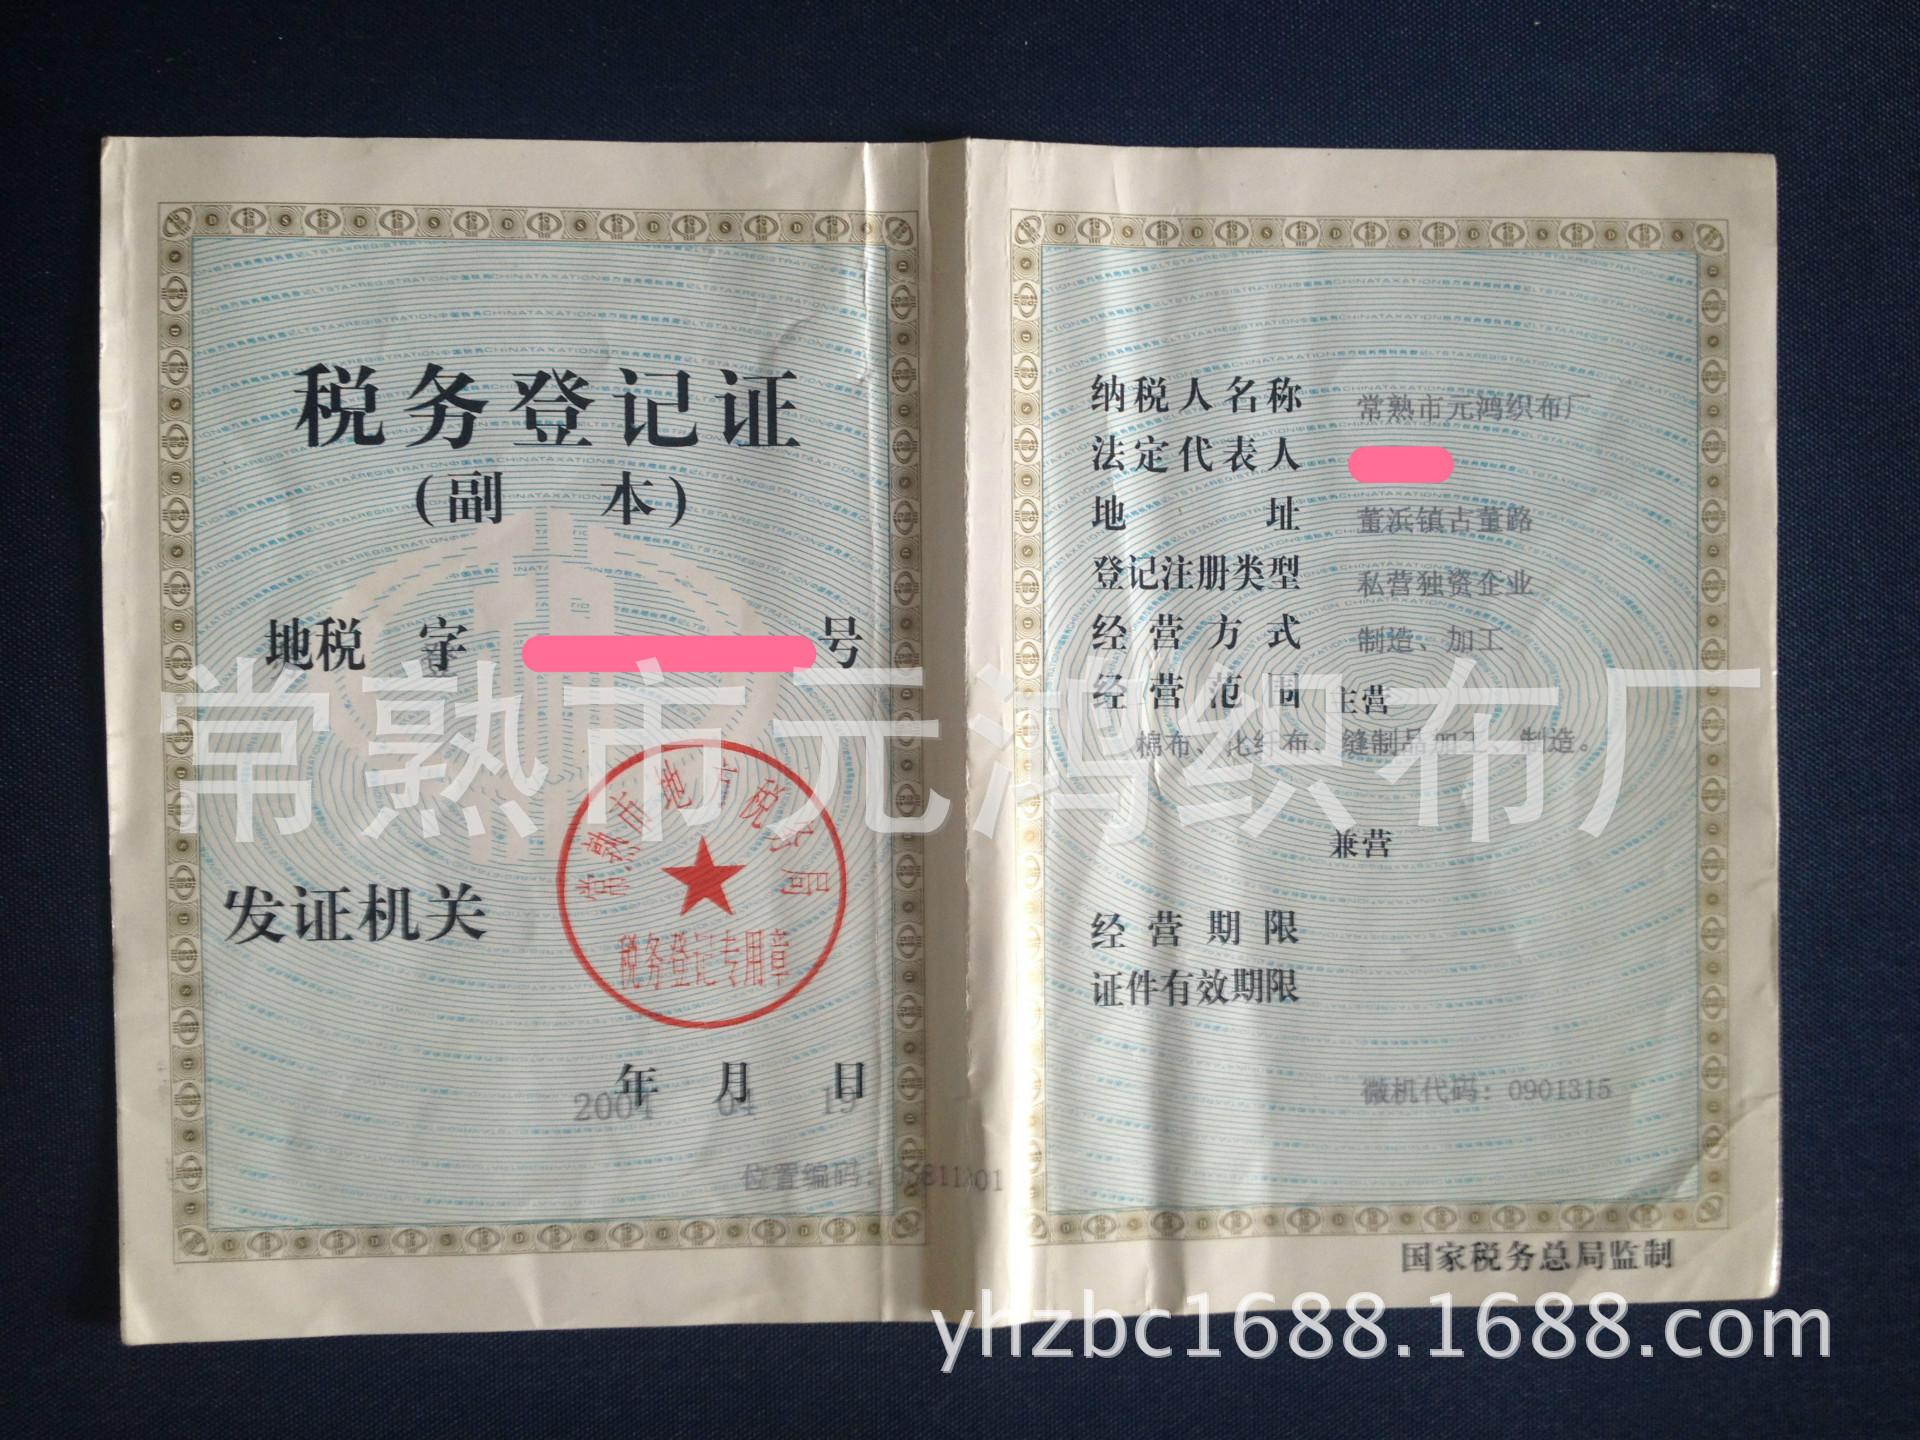 地税税务登记证副本_meitu_2